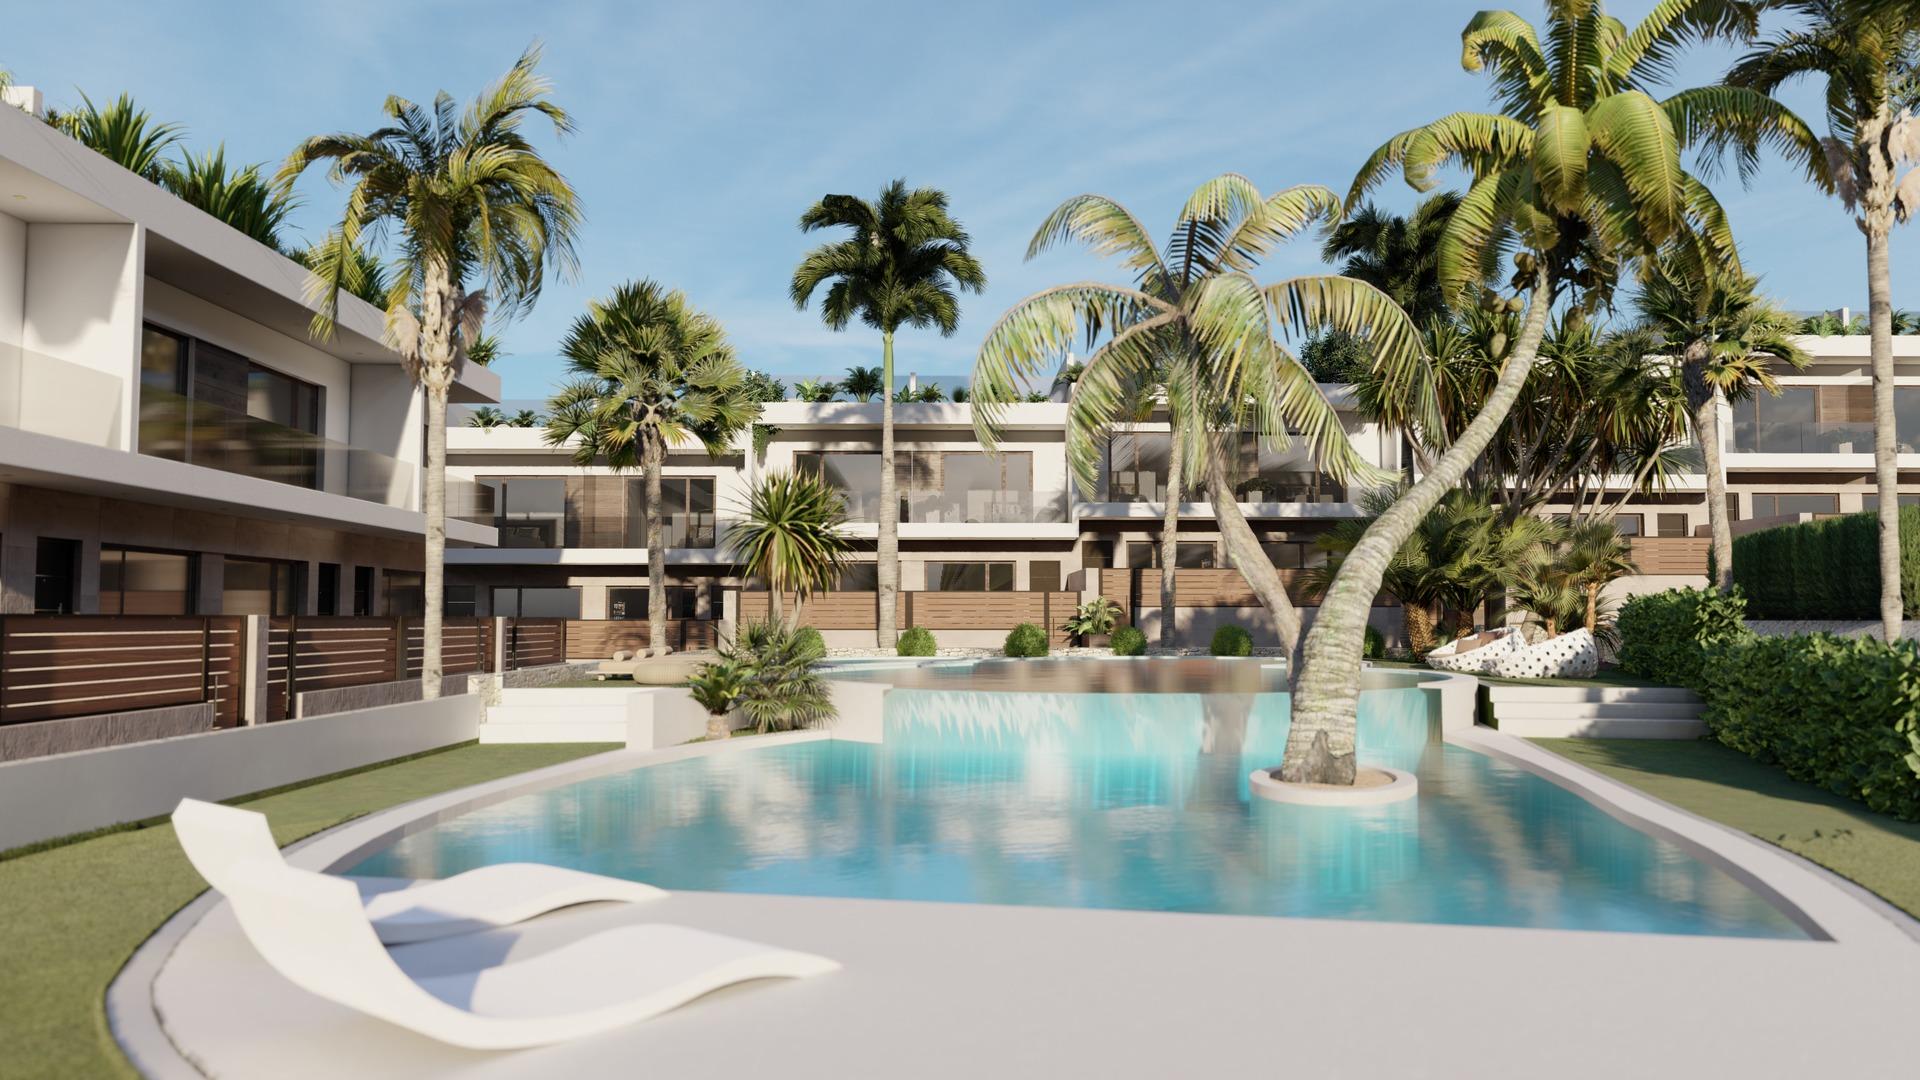 hermosas fotos de casa hd Acogedora Casa Adosada Luminosa En Un Hermoso Complejo